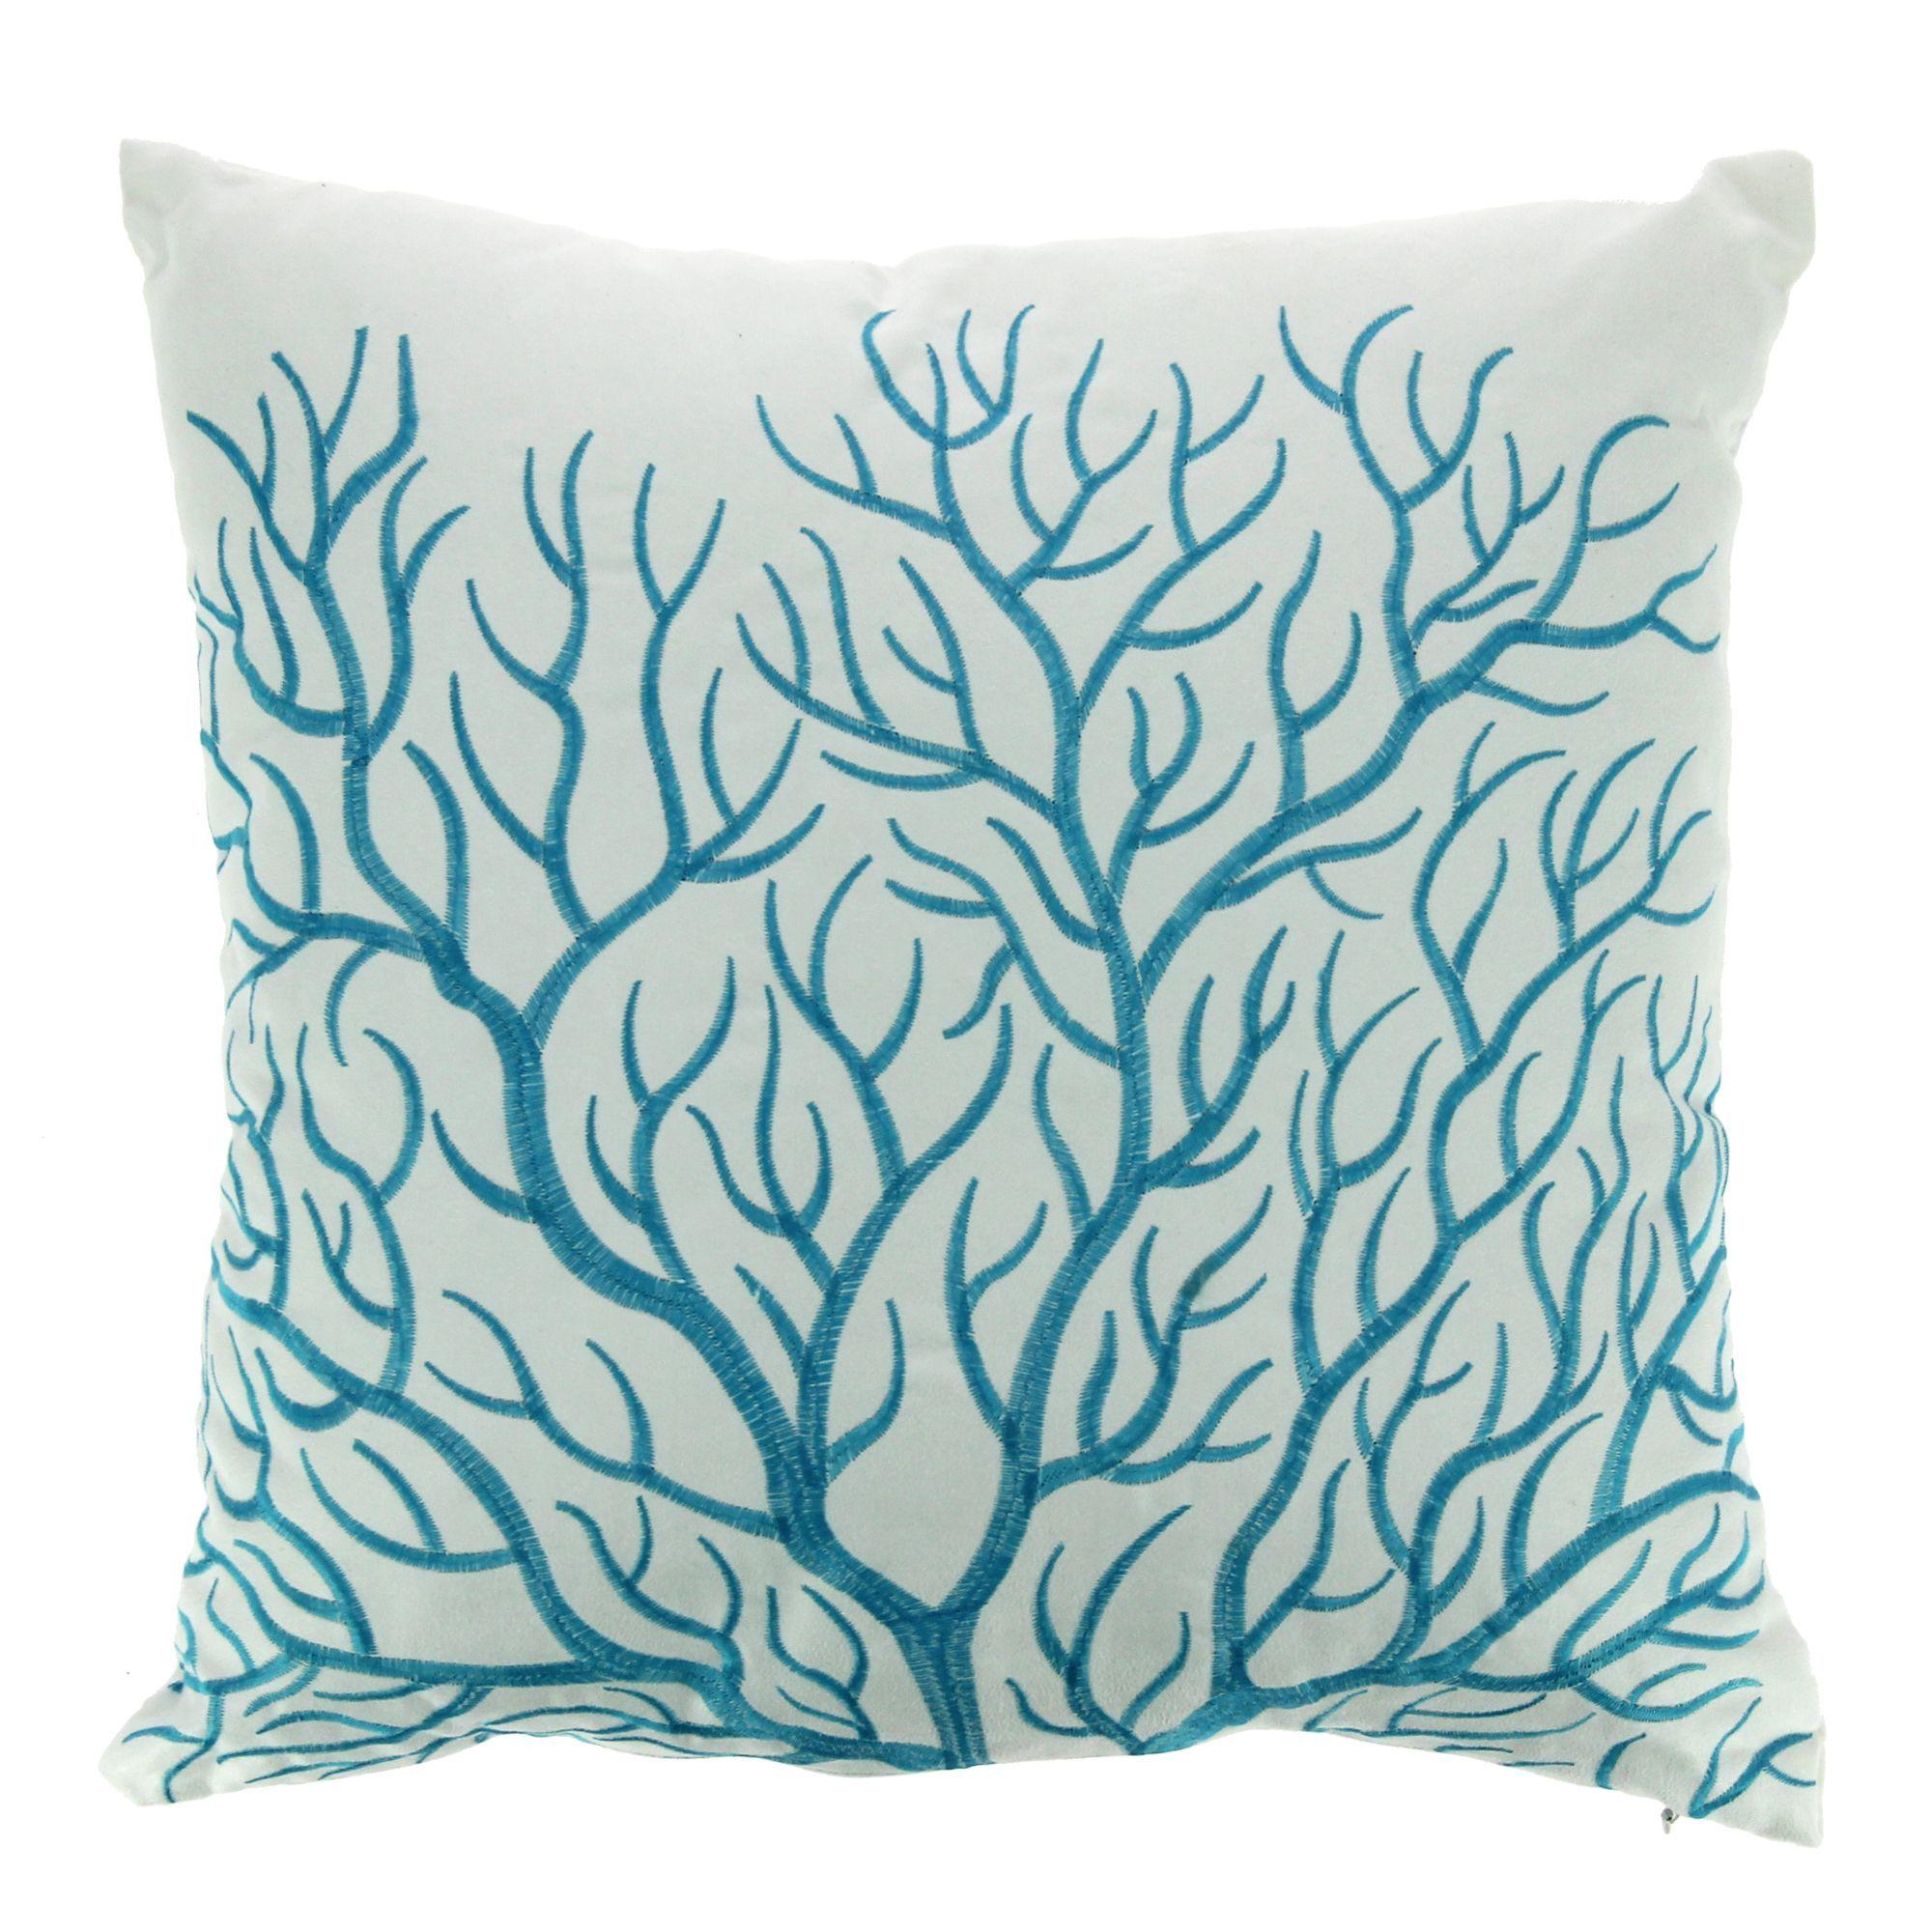 coussin brod blanc et bleu 40x40cm turquoise corail les coussins d coratifs textiles et. Black Bedroom Furniture Sets. Home Design Ideas